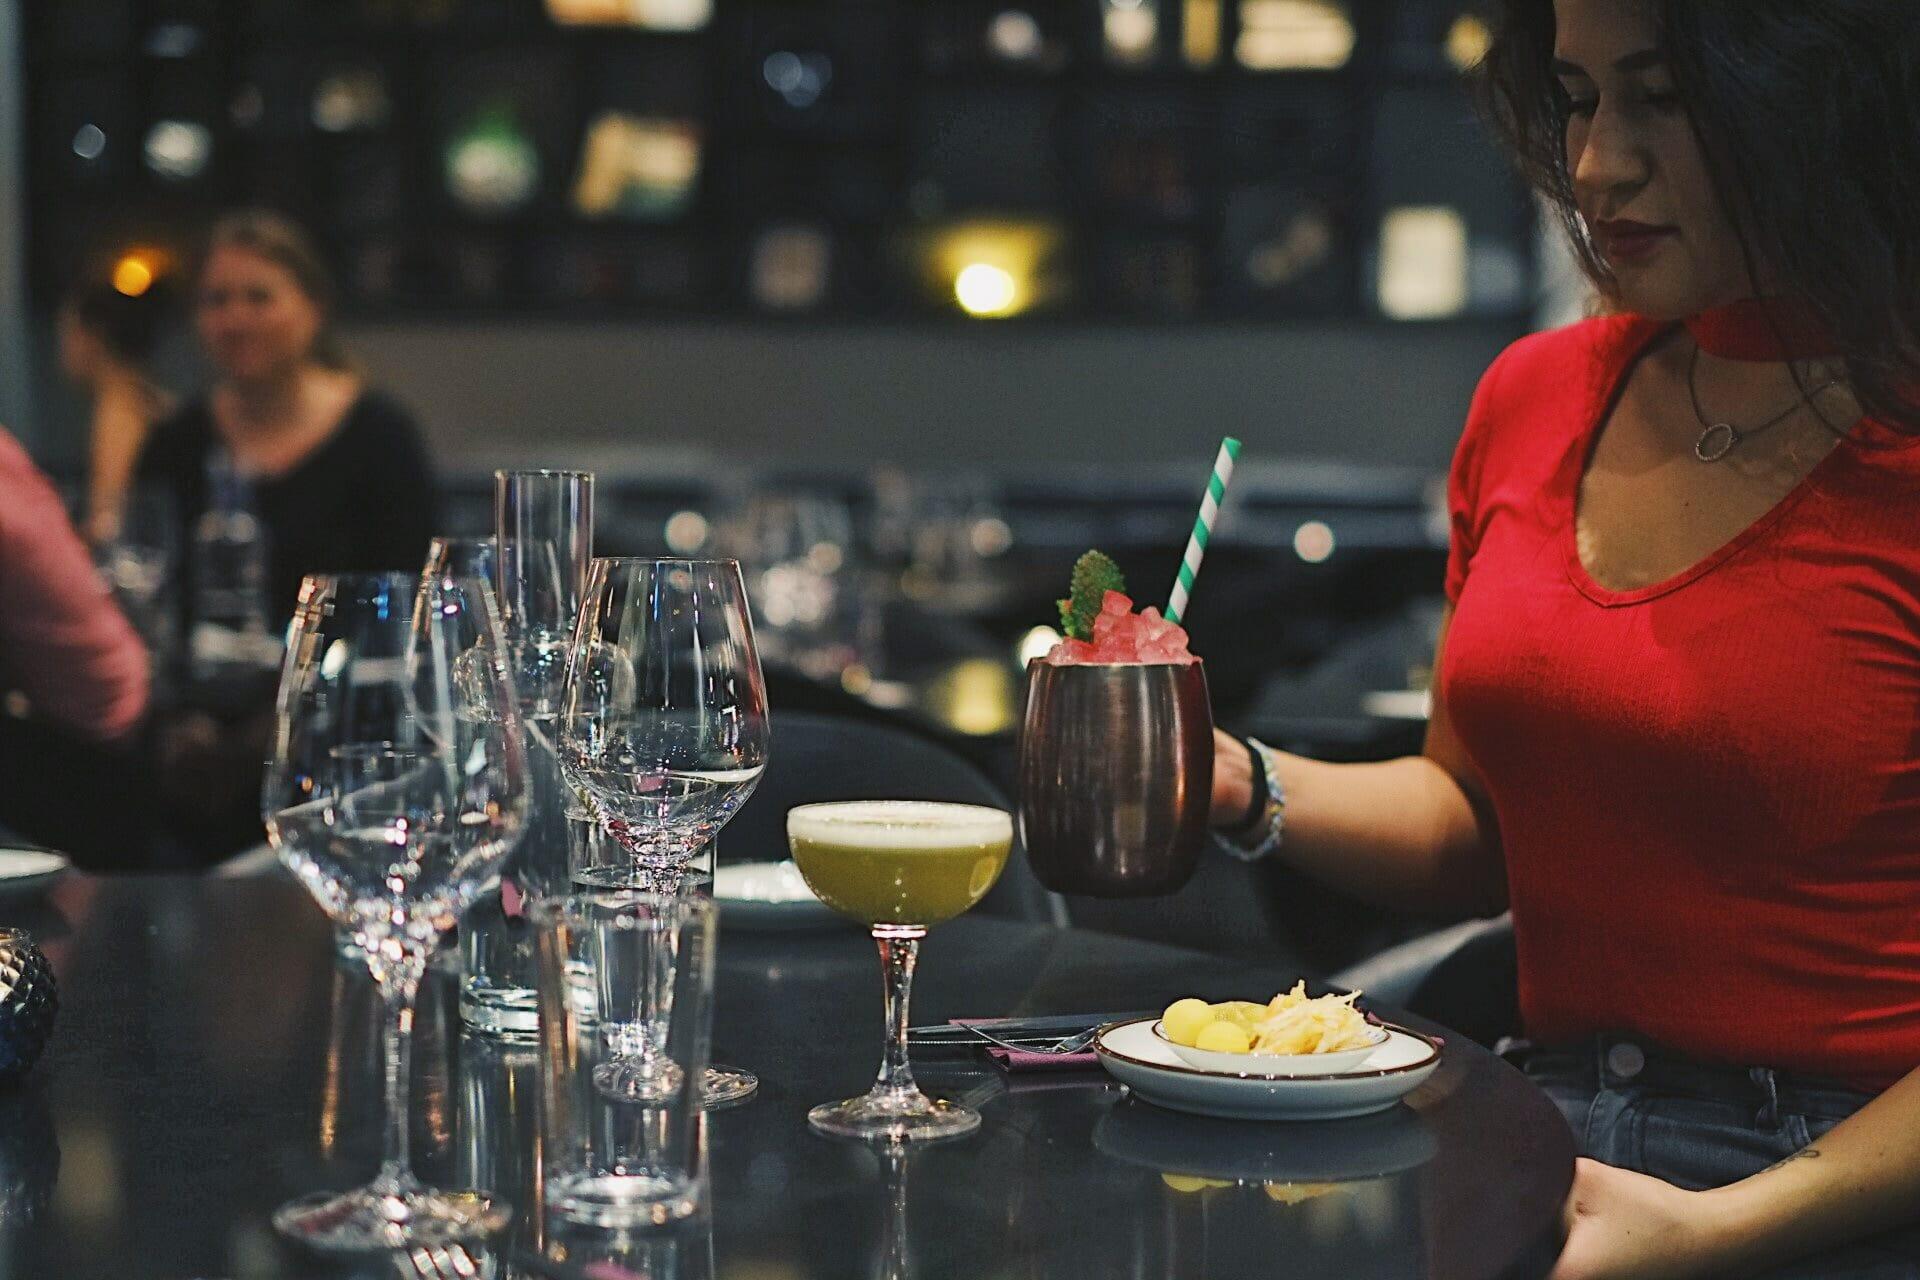 Lokal Izakaya, Restaurang tips, Matblogg, Matbilder, Foodstyling, Stockholm, Gott, Estocolmo, VisitStockholm, Livsstil, Lemon Bar, Rådhuset, Kungsholmen, Cocktails, Cocktailbar